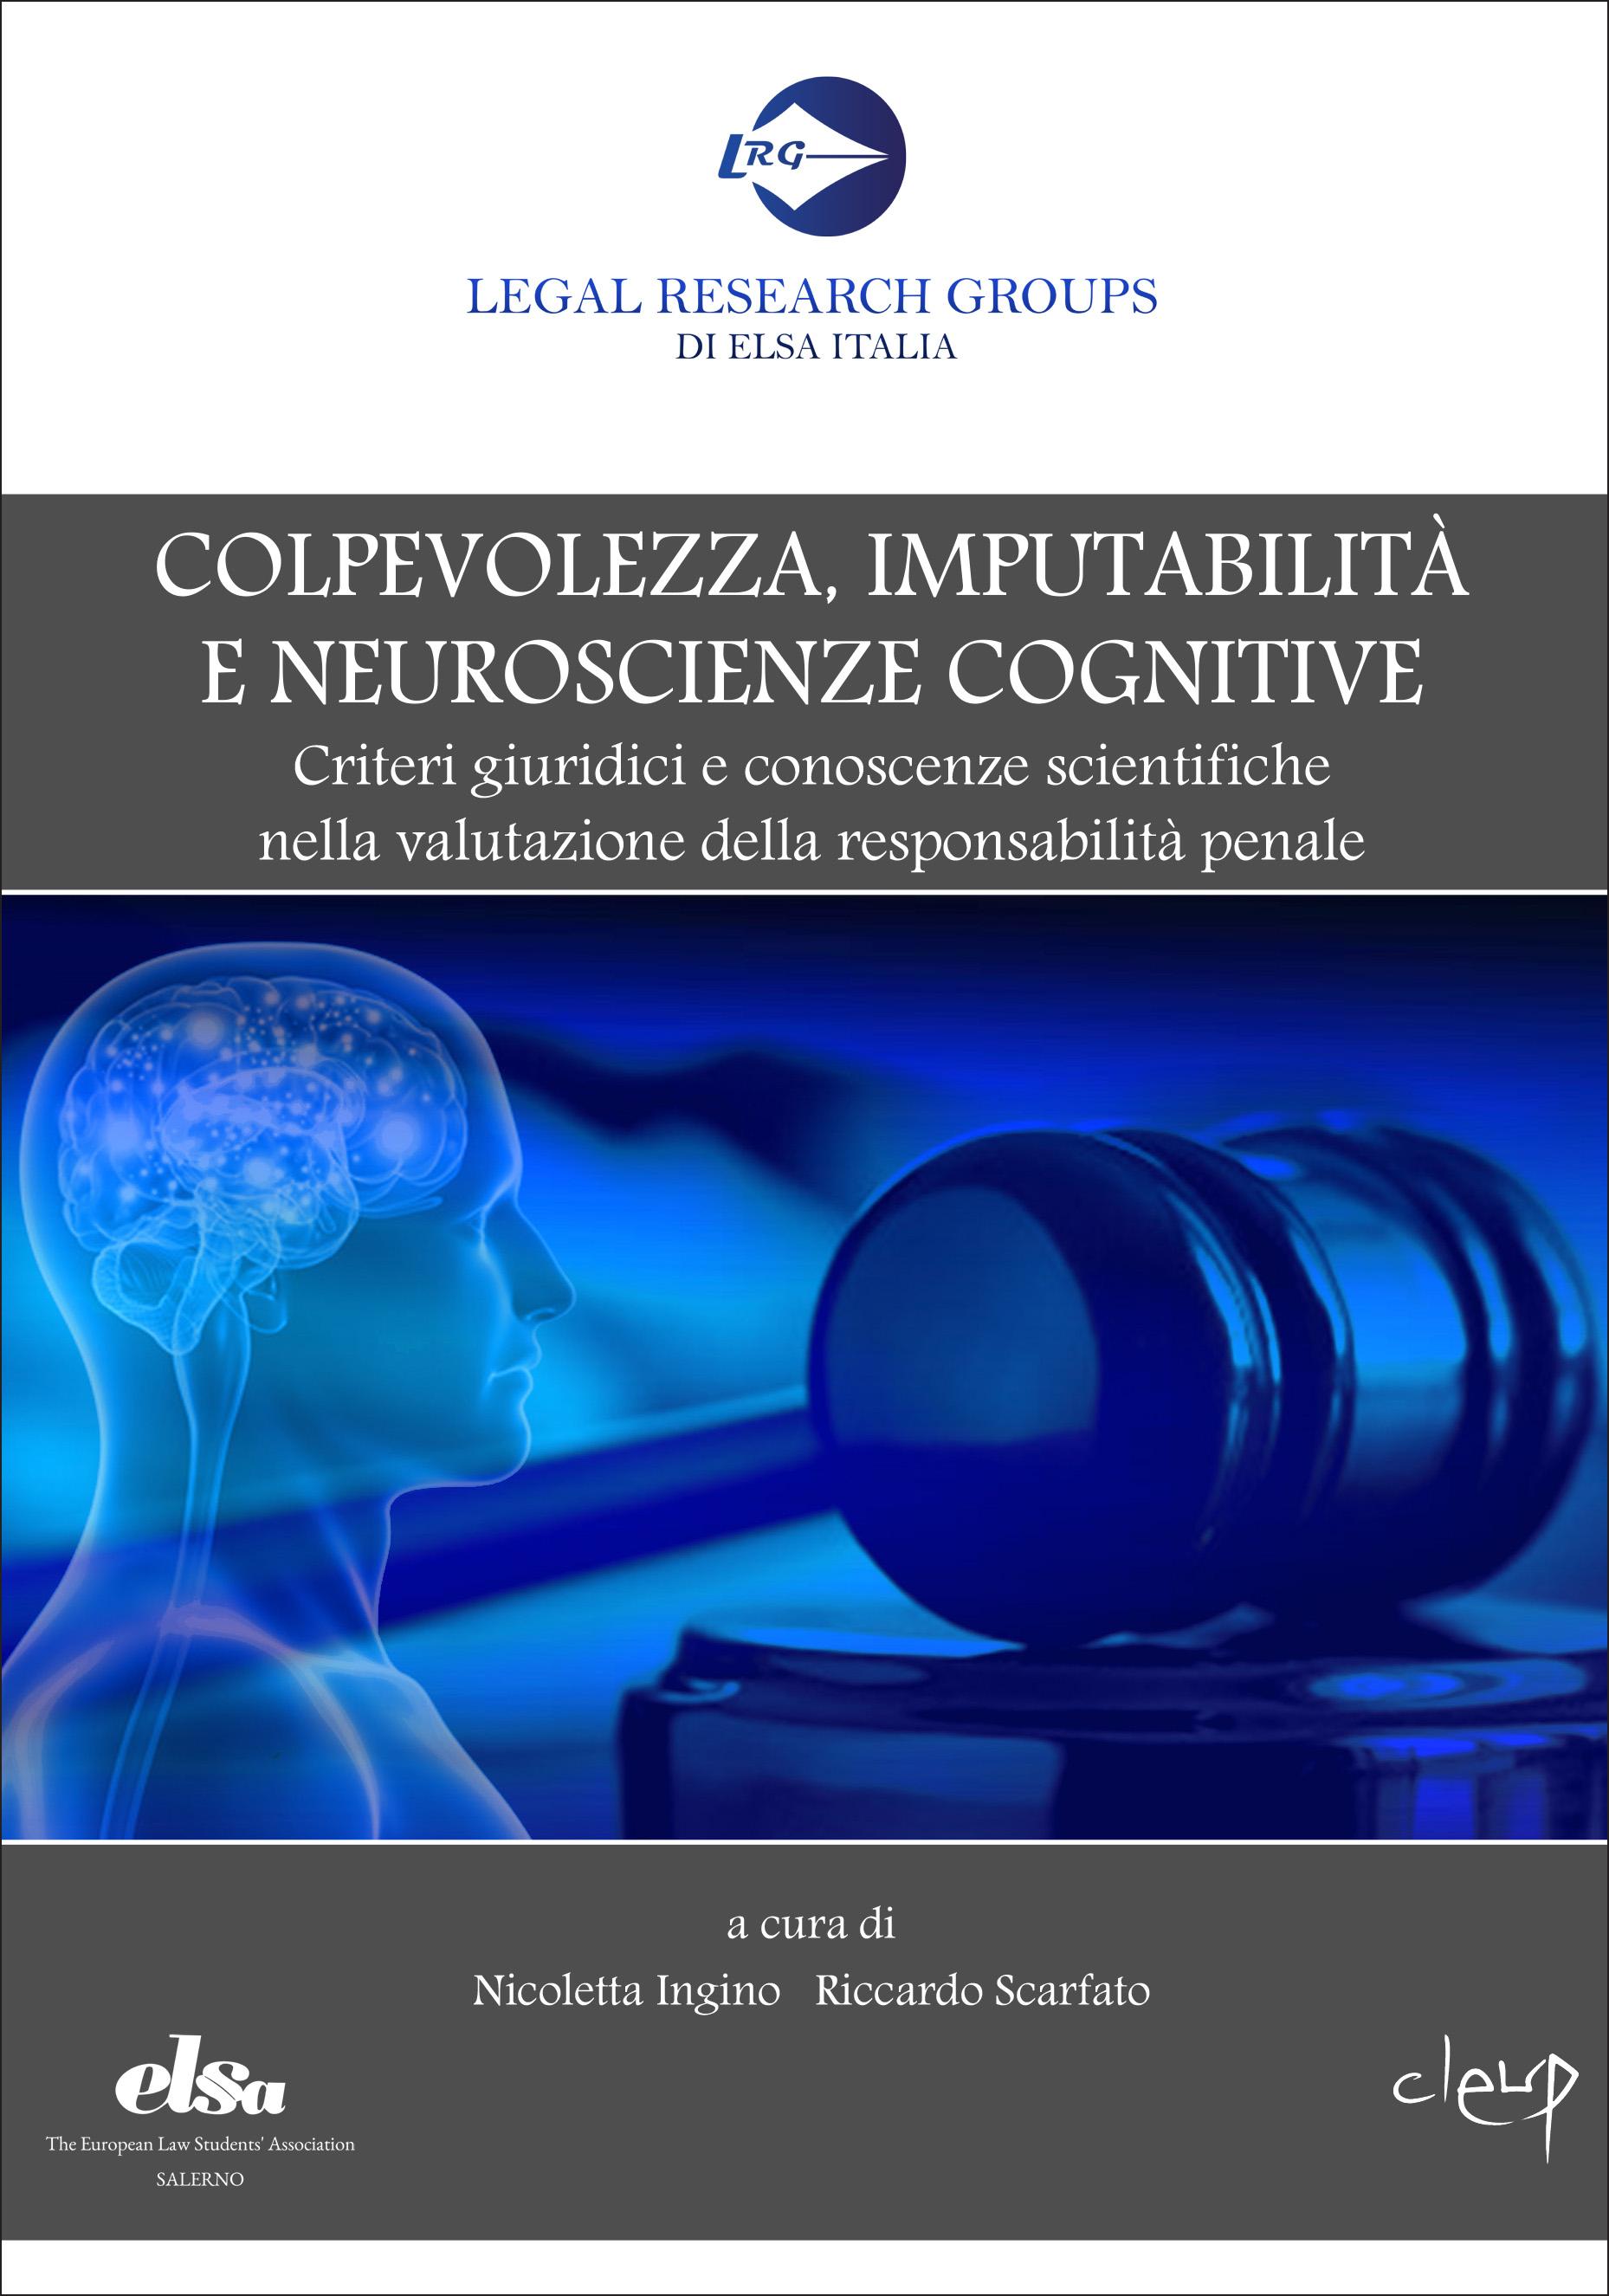 Colpevolezza, imputabilità e neuroscienze cognitive